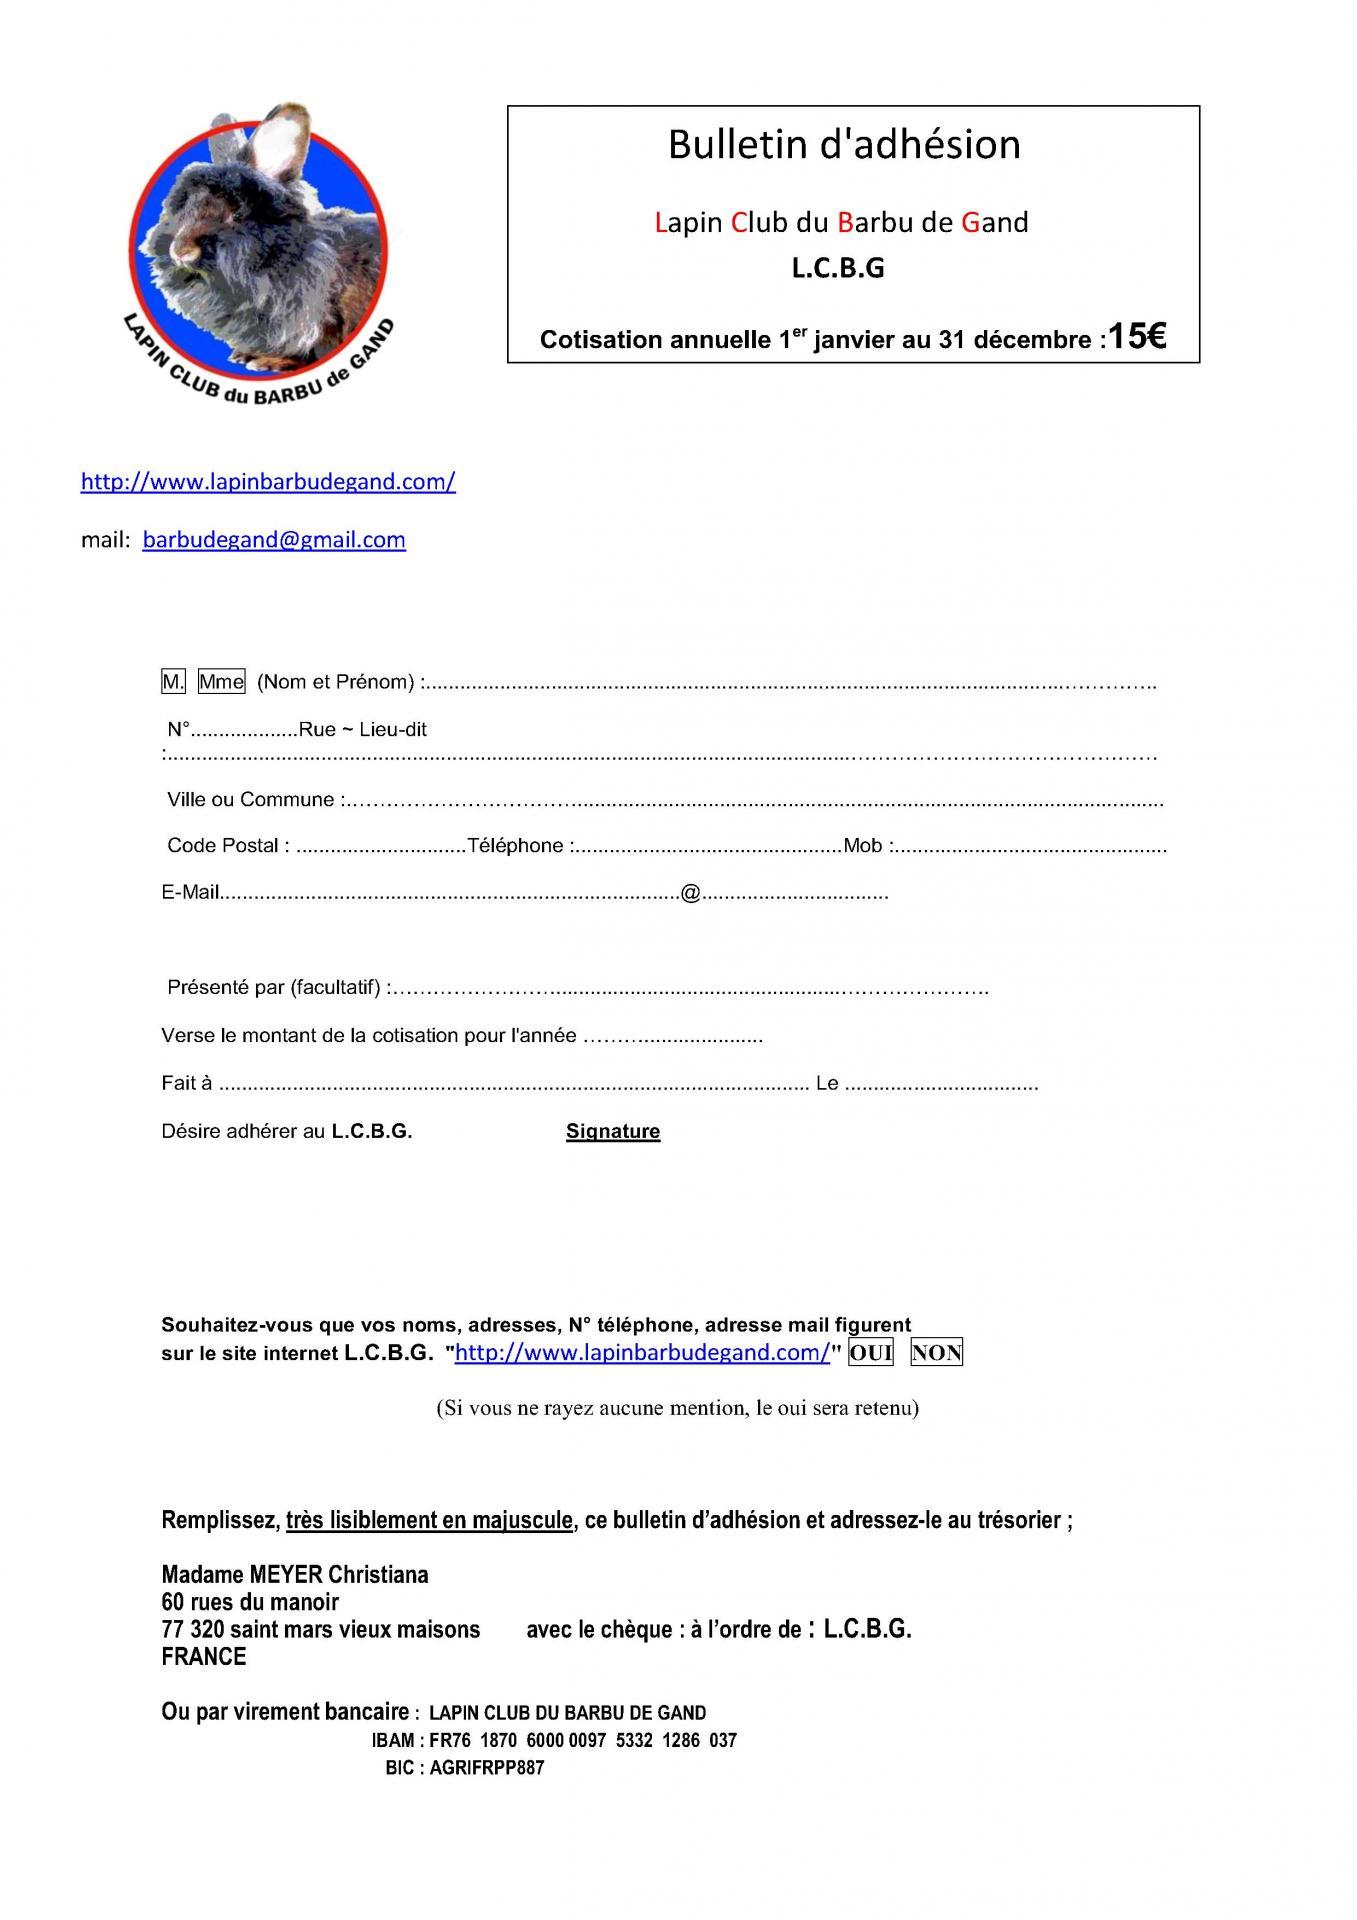 Bulletin adhesion france au lcbg 1